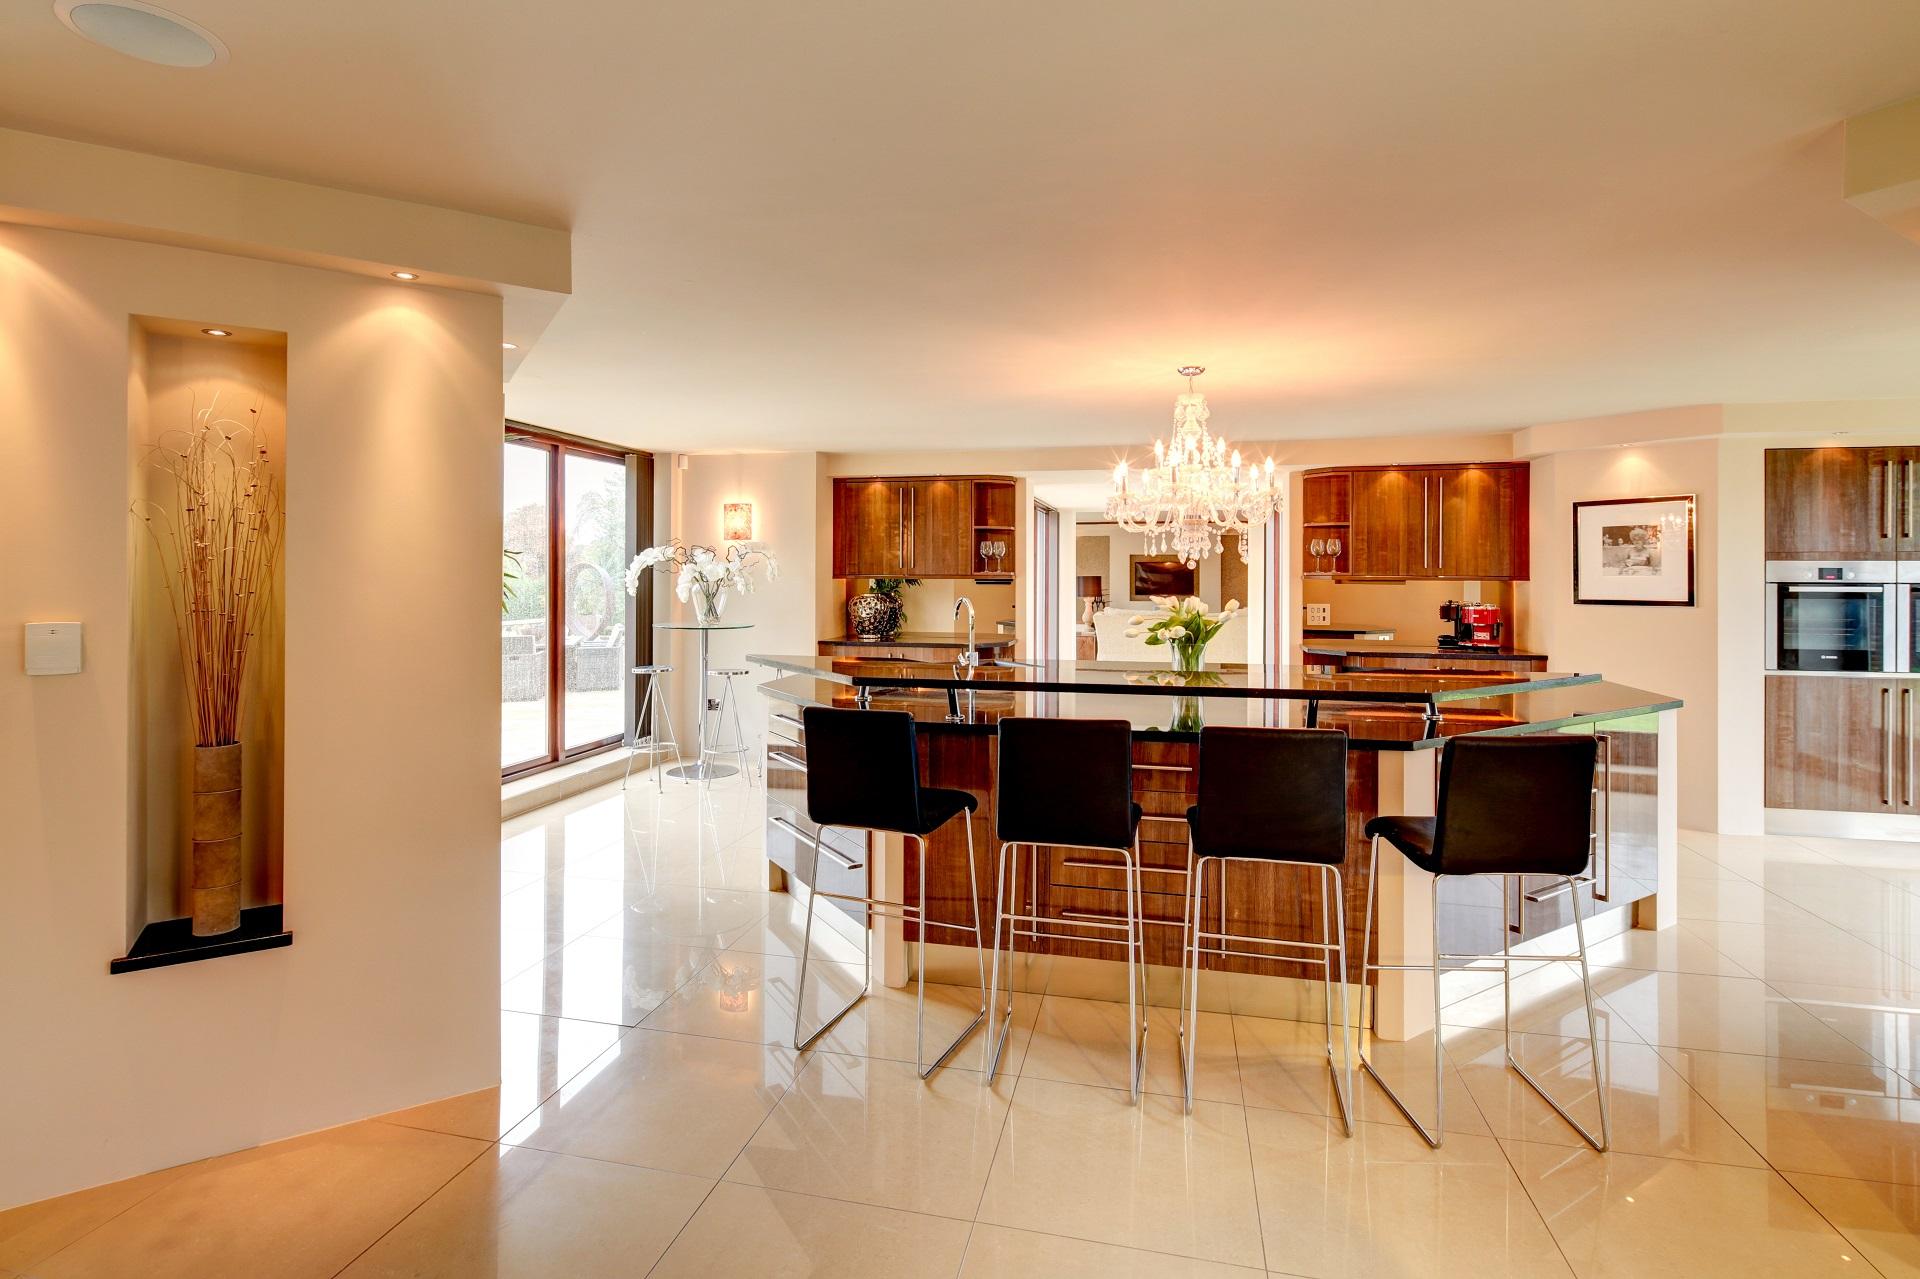 fern hill, nottingham, luxury kitchen, breakfast bar